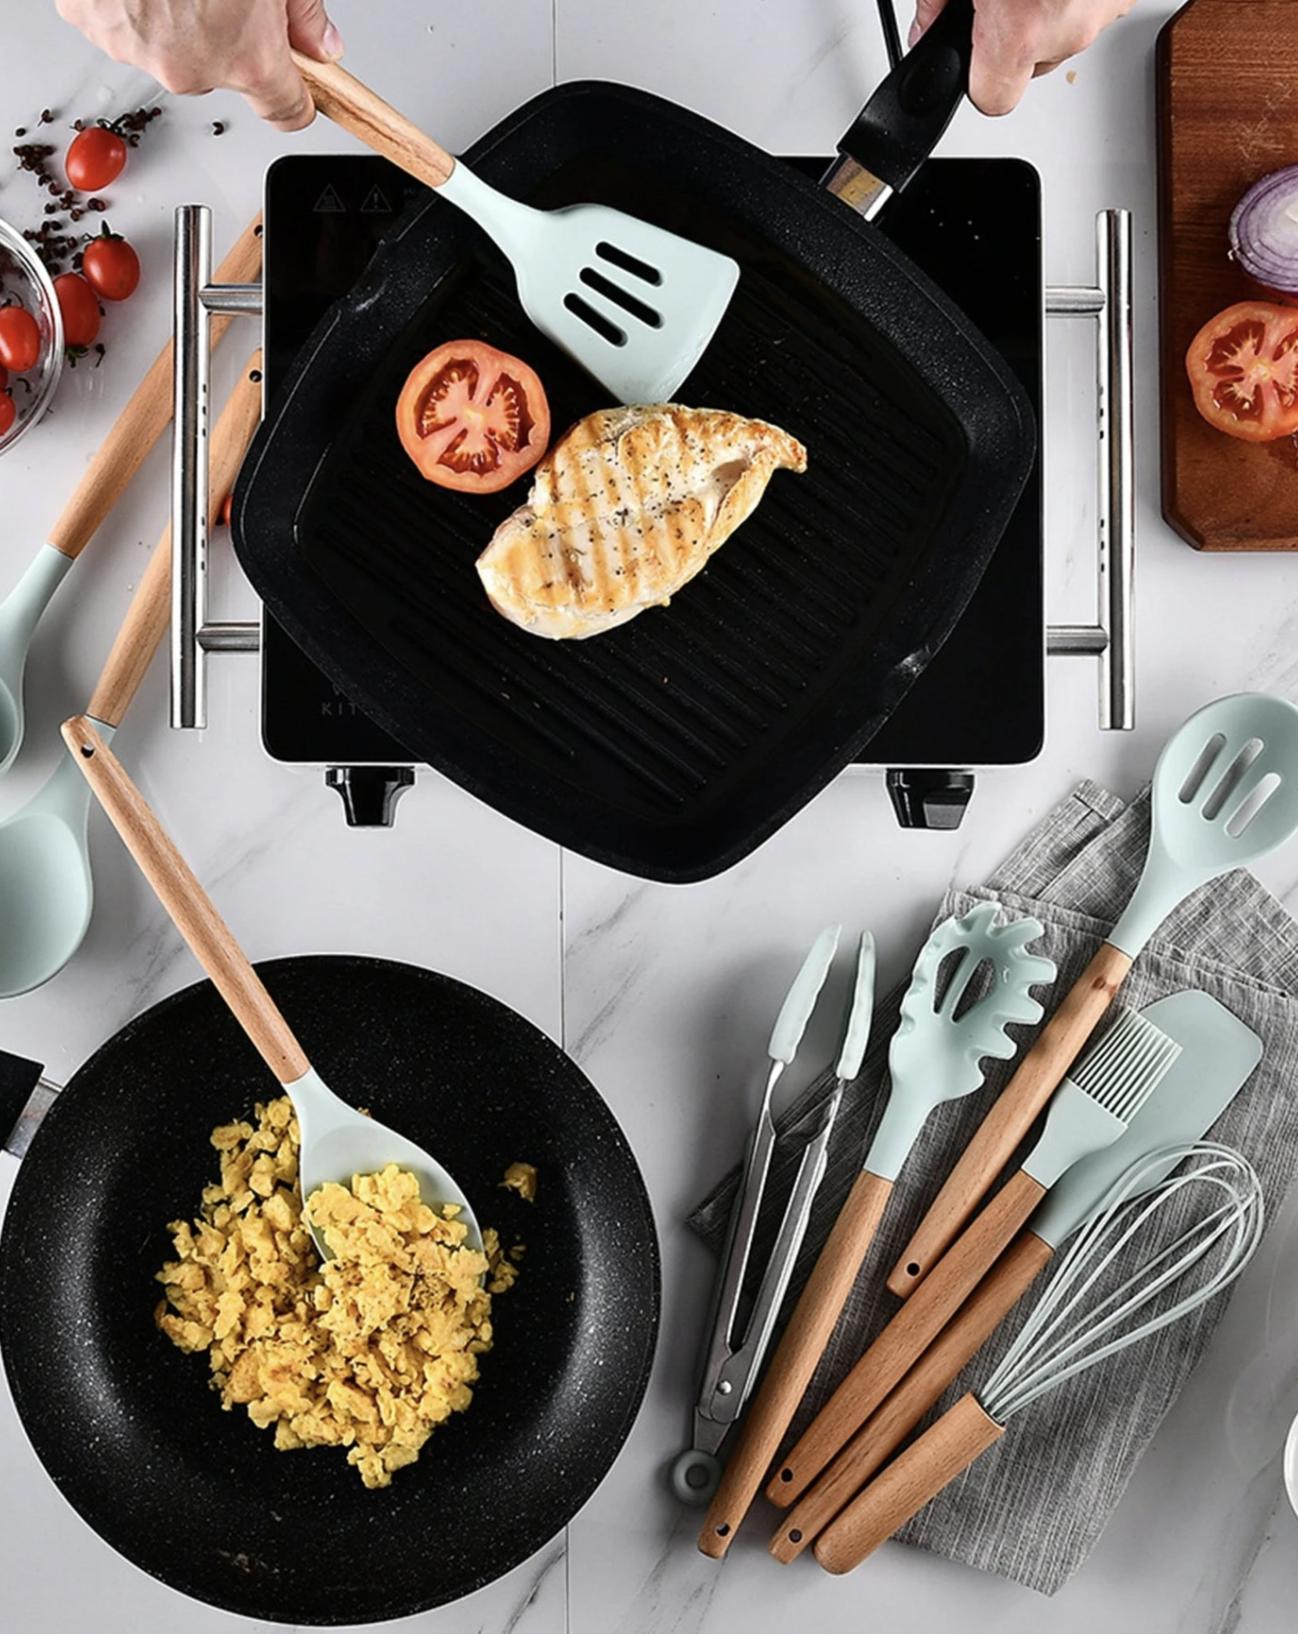 Bộ dụng cụ làm bếp xinh xẻo giúp bạn nấu nướng ngon nghẻ hơn, giá chỉ từ 123k - Ảnh 4.